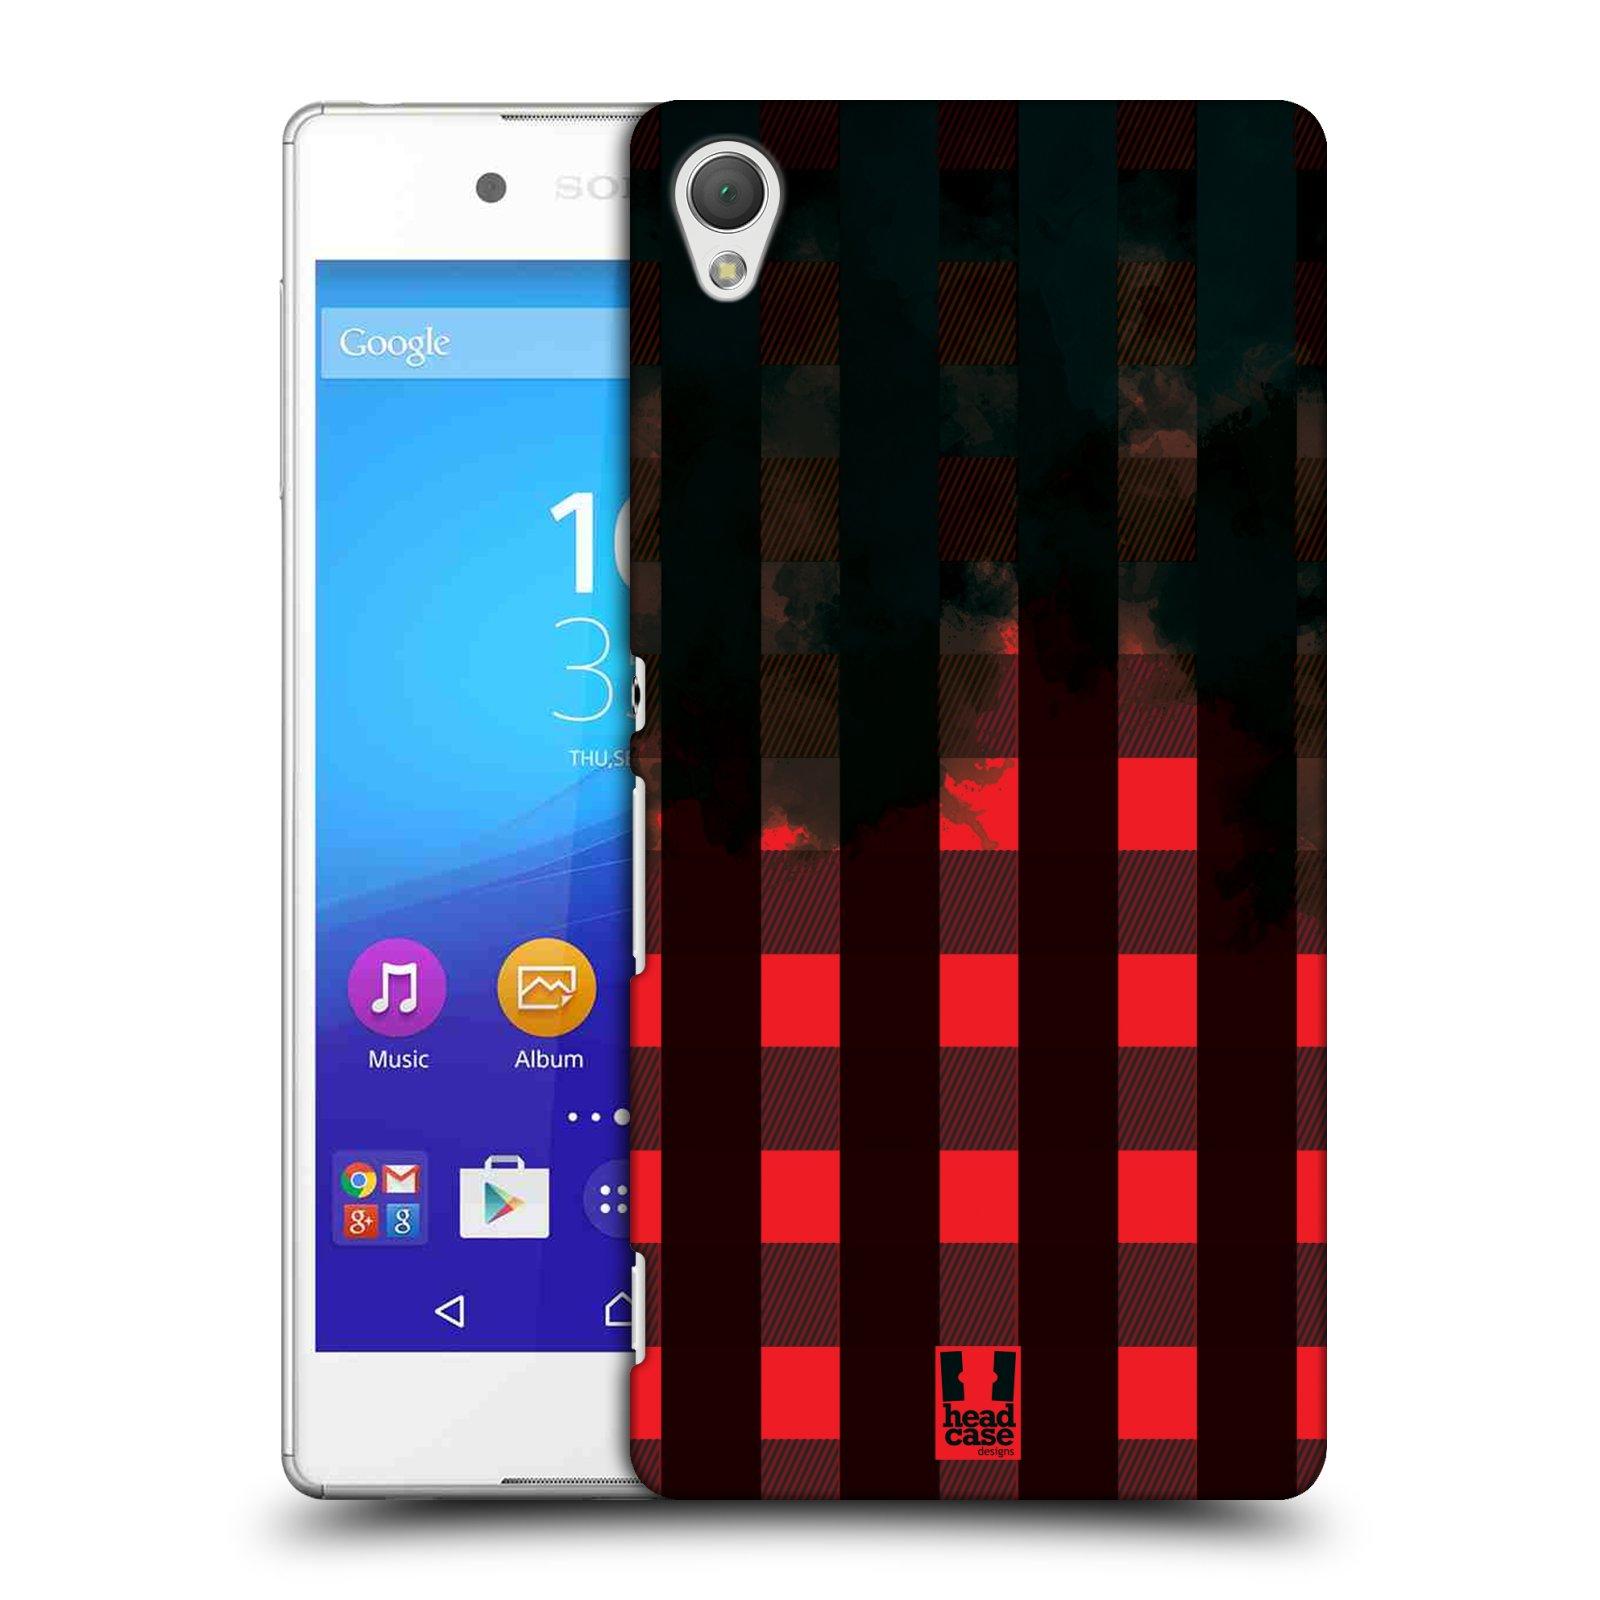 Plastové pouzdro na mobil Sony Xperia Z3+ (Plus) HEAD CASE FLANEL RED BLACK (Plastový kryt či obal na mobilní telefon Sony Xperia Z3+ (Plus))